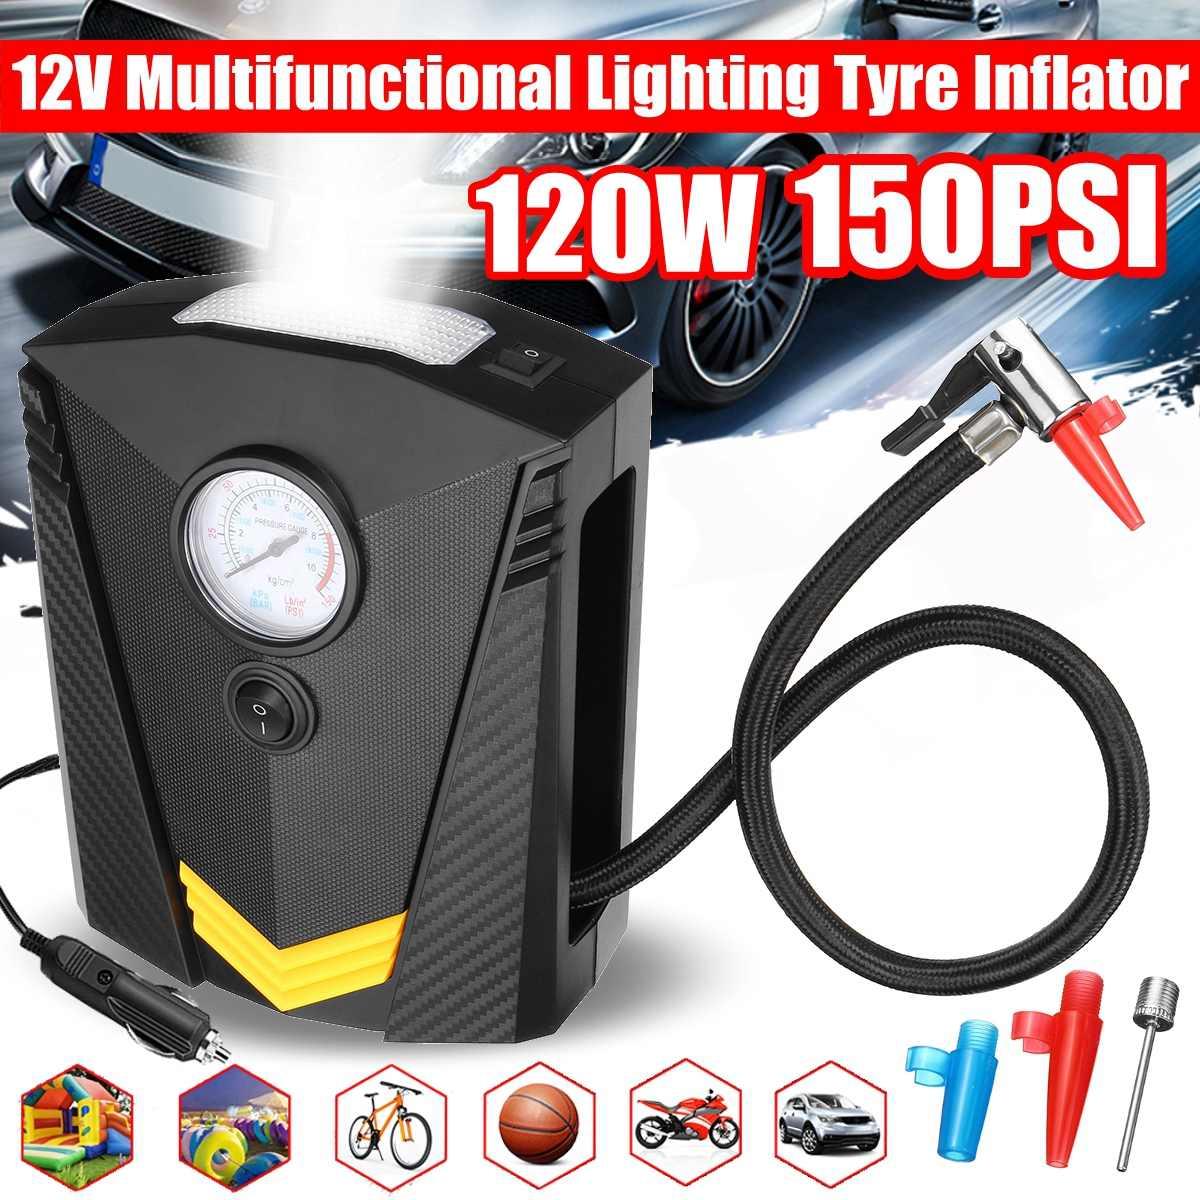 12V Car Digital Tire Inflator DC Portable Air Compressor Pump 150 PSI Car Air Compressor for Car Motorcycle LED Light Tire Pump|Inflatable Pump| |  -